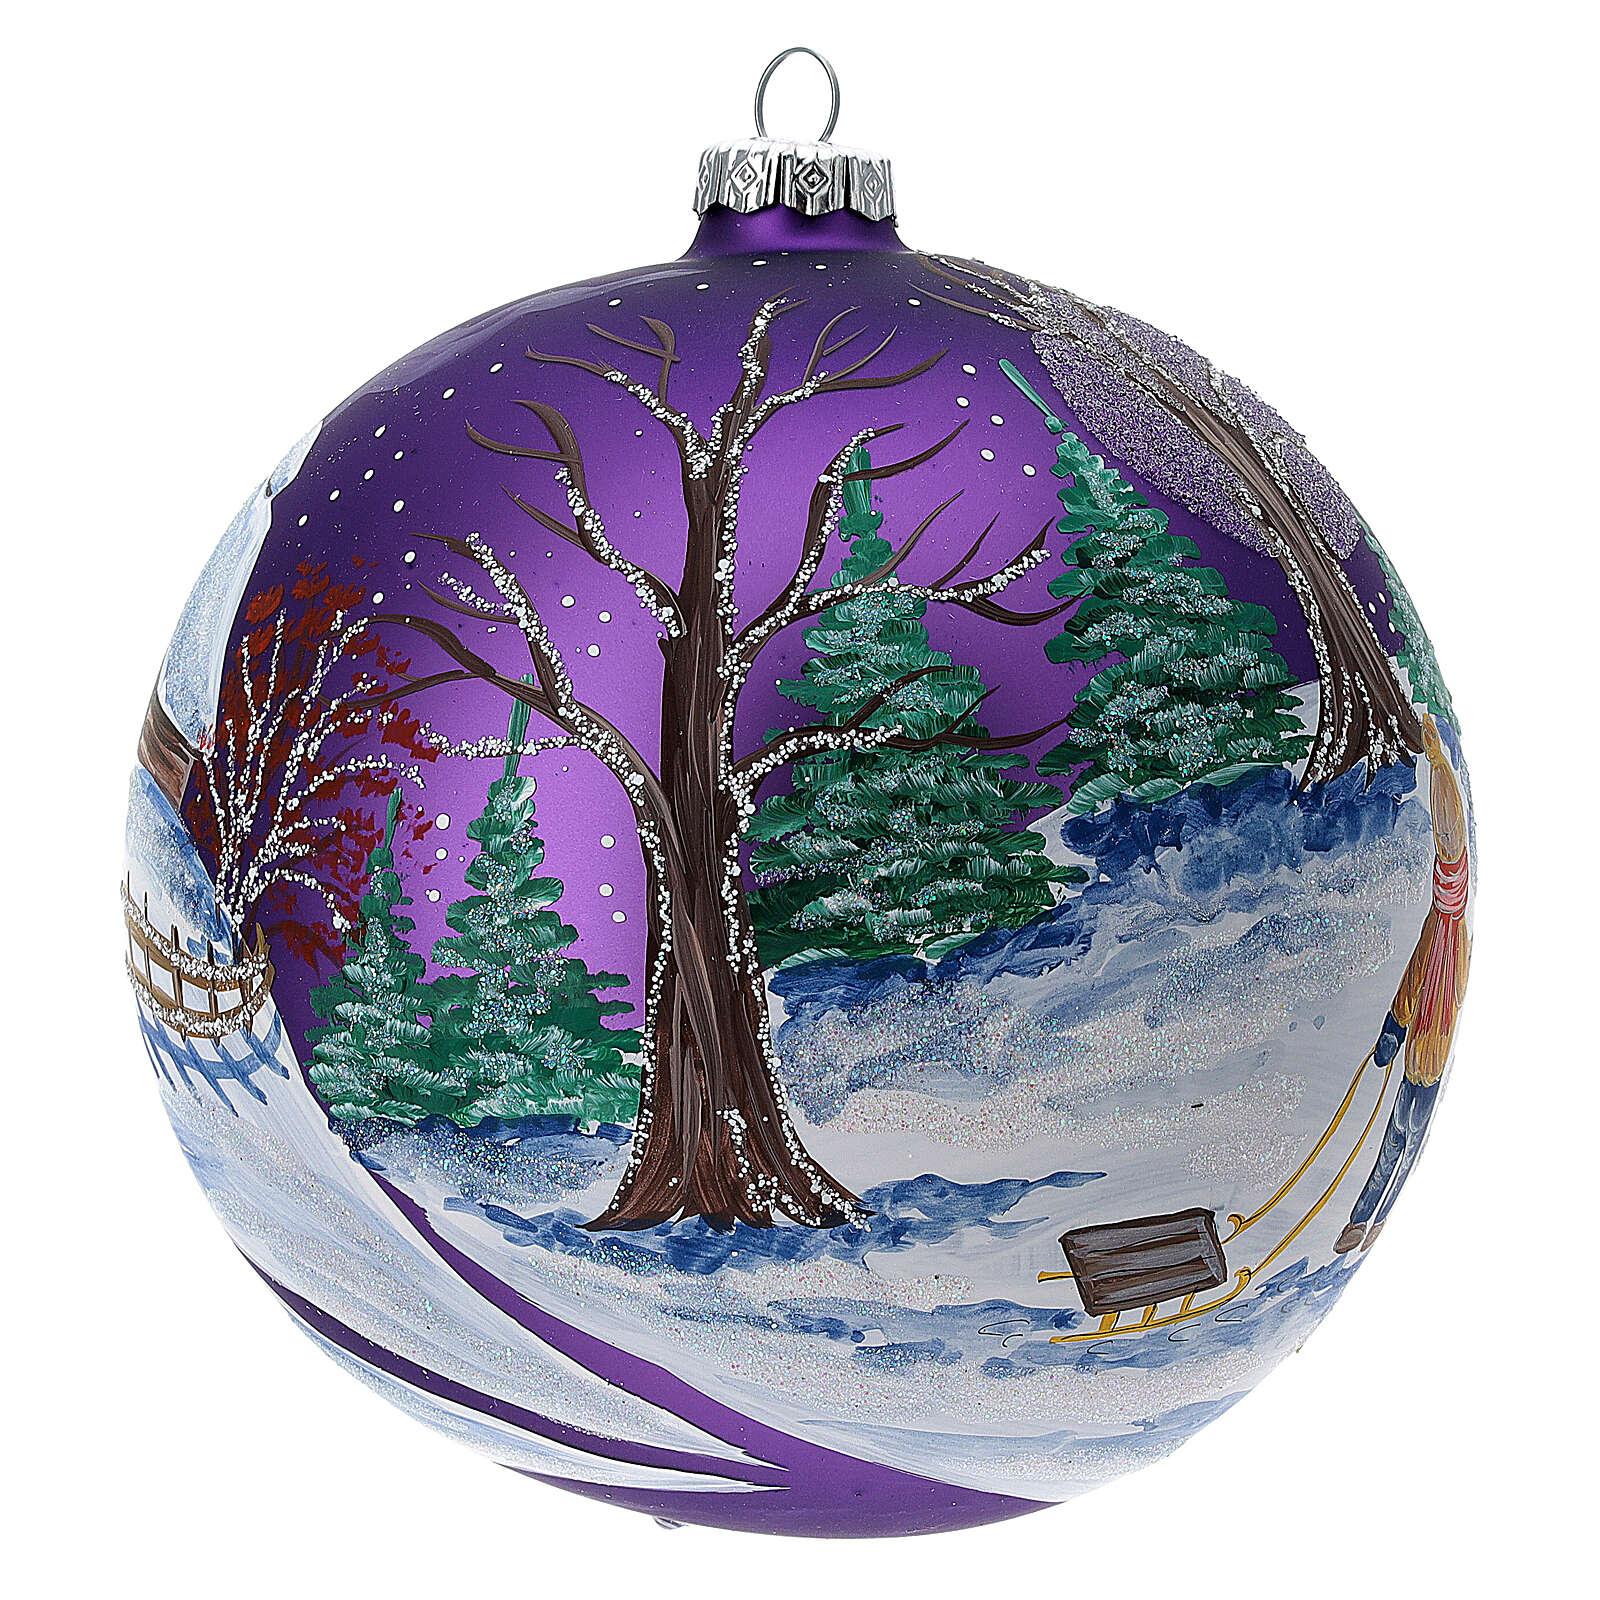 Bola árvore de Natal bosque com céu violeta vidro soprado 150 mm 4